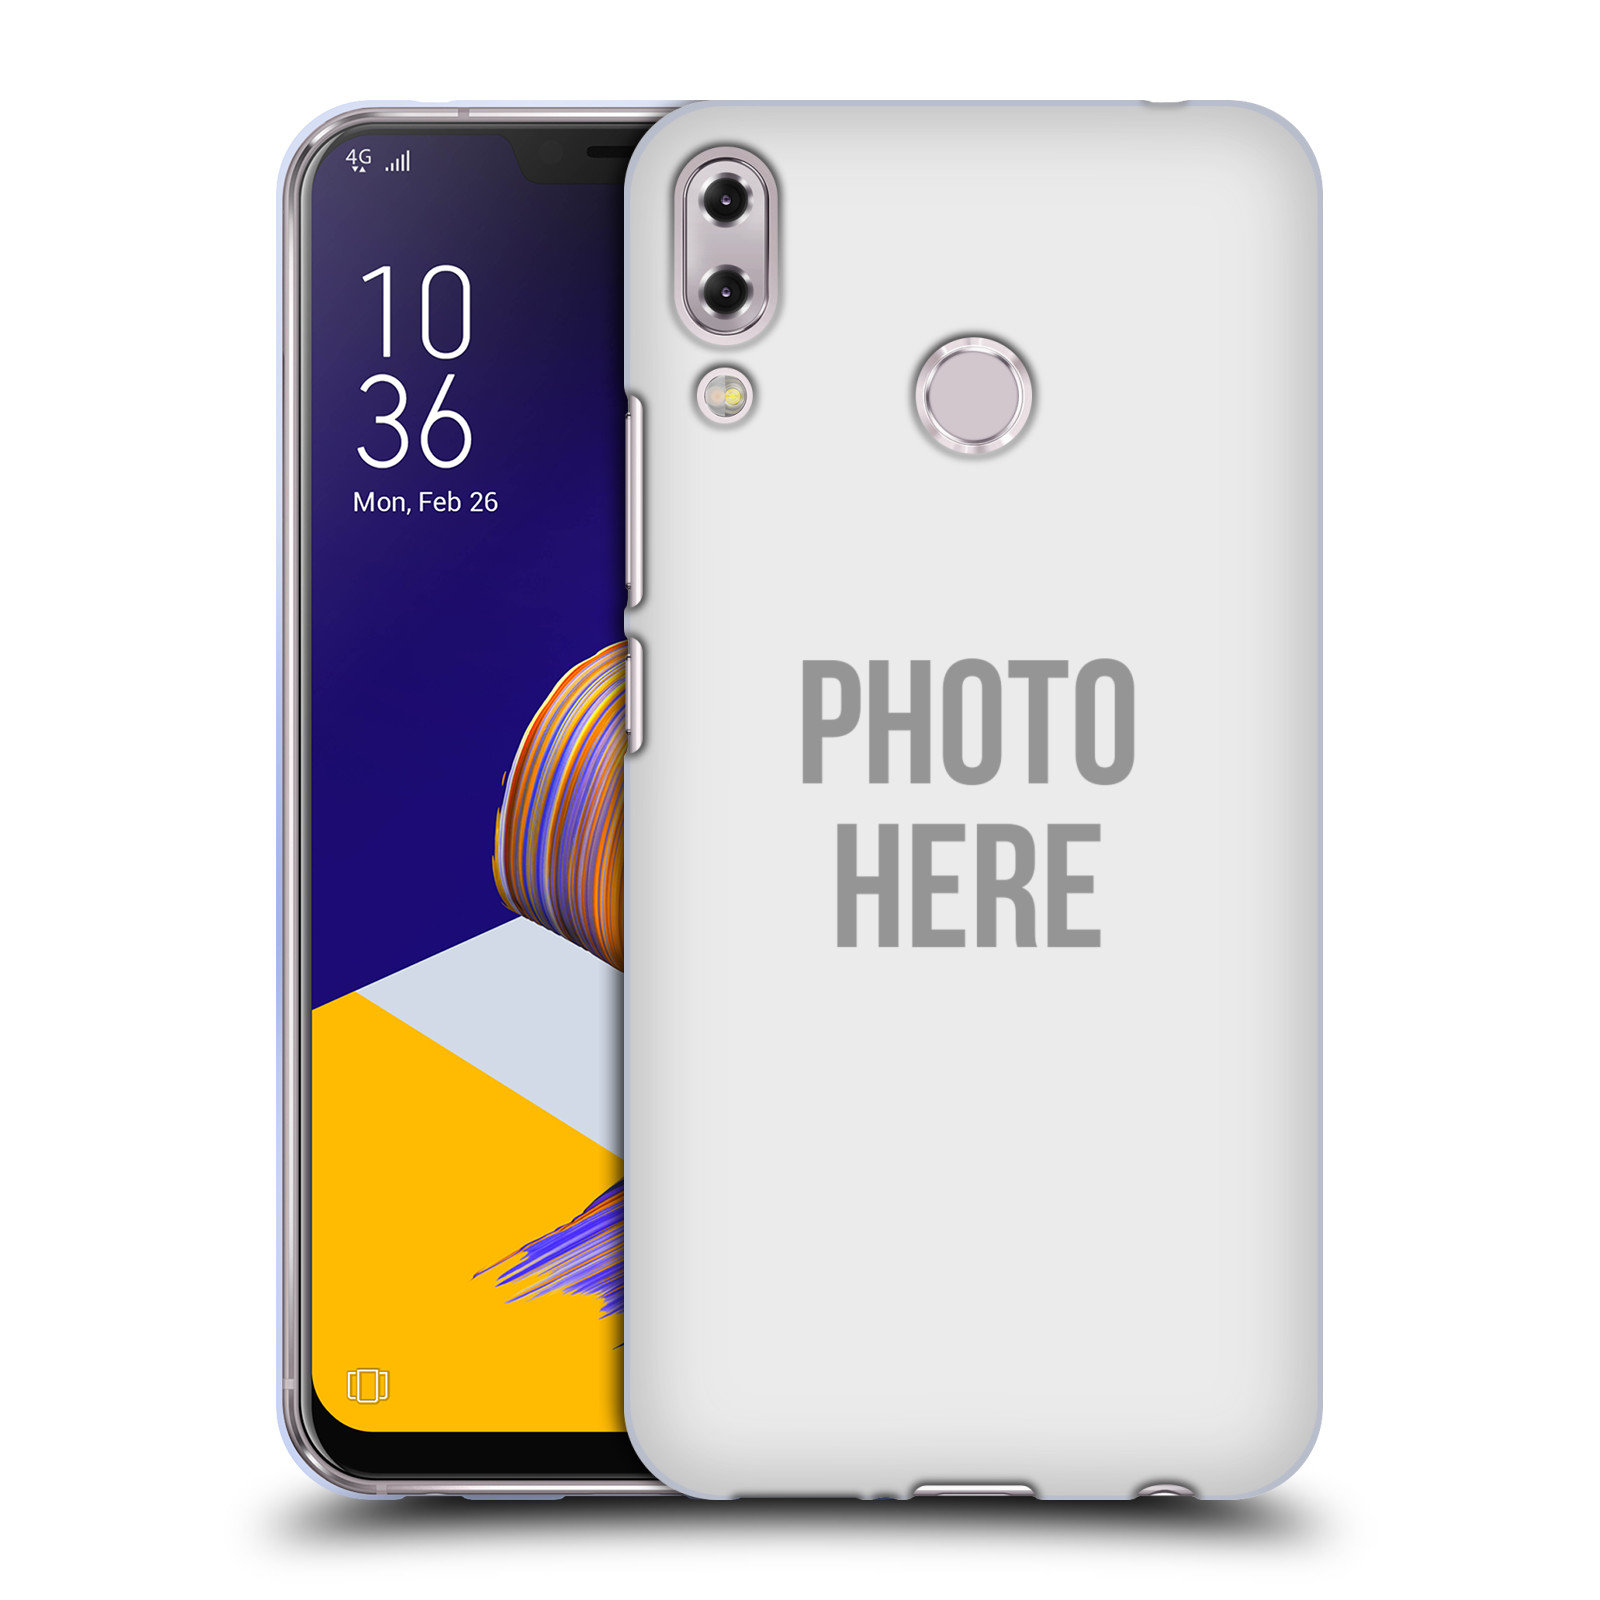 Silikonové pouzdro na mobil Asus ZenFone 5 ZE620KL - Head Case - s vlastním motivem